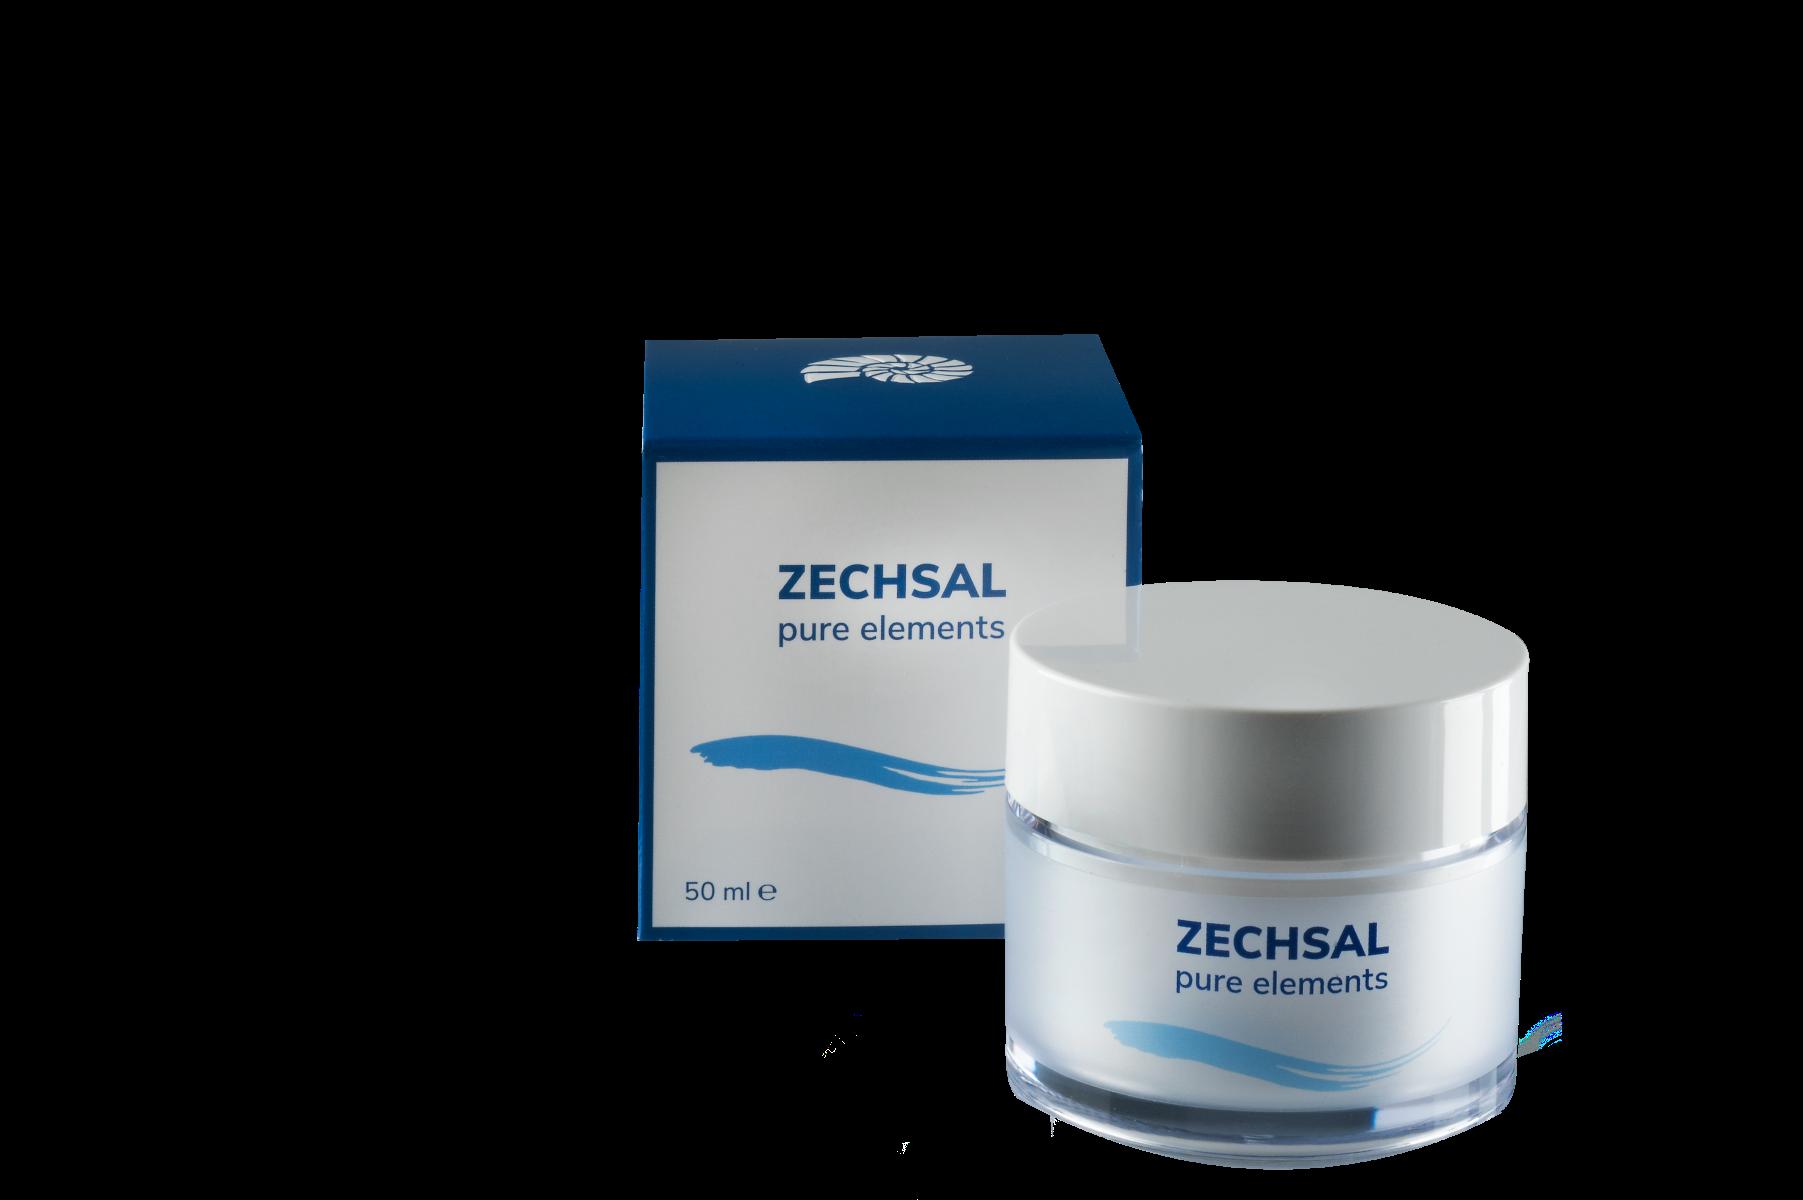 Zechsal Pure Elements balancing cream, 50 ml.